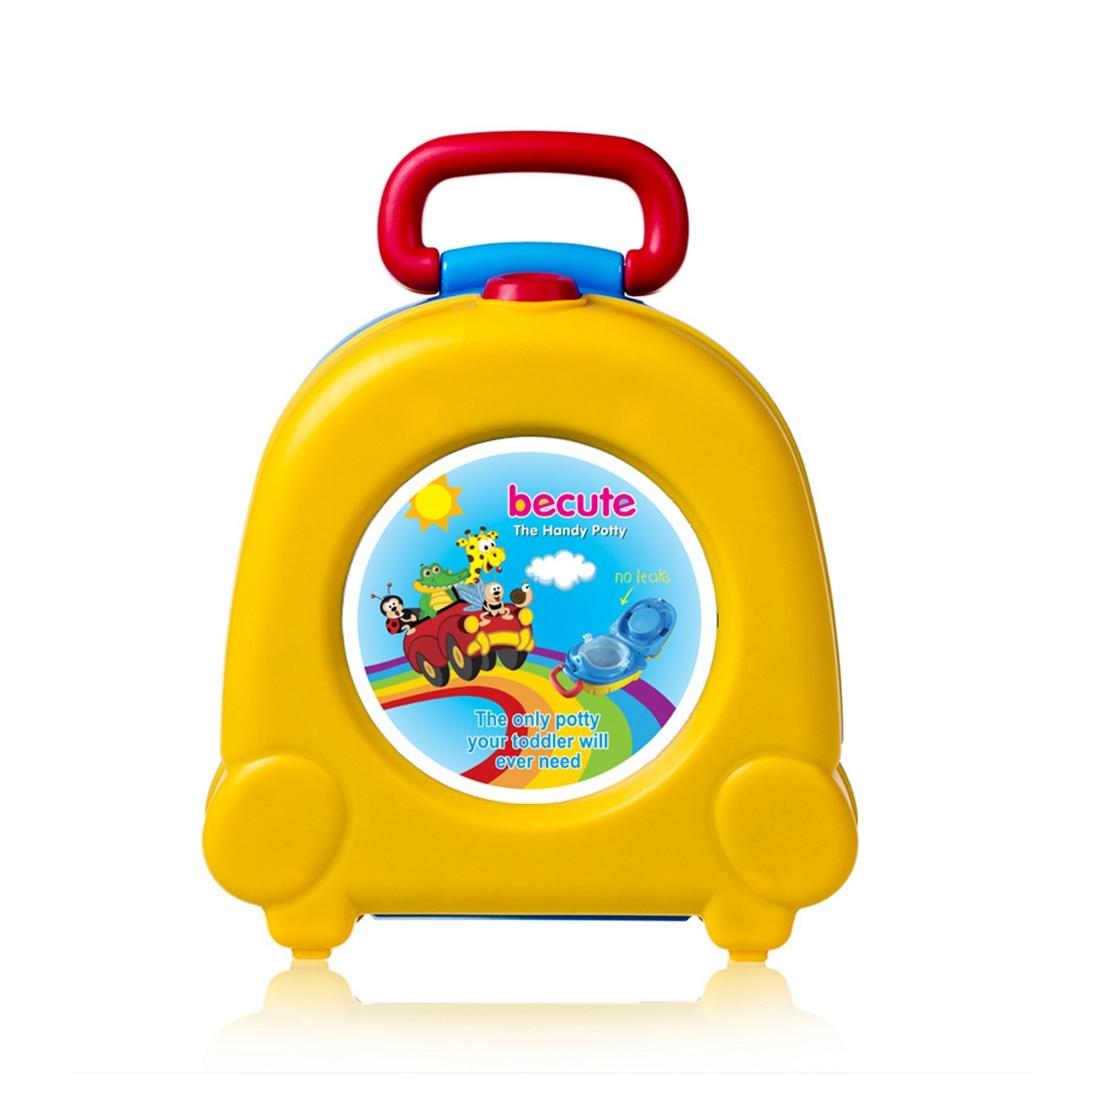 Childrens travel small toilet Childrens portable toilet Travel travel portable car-mounted portable toilet